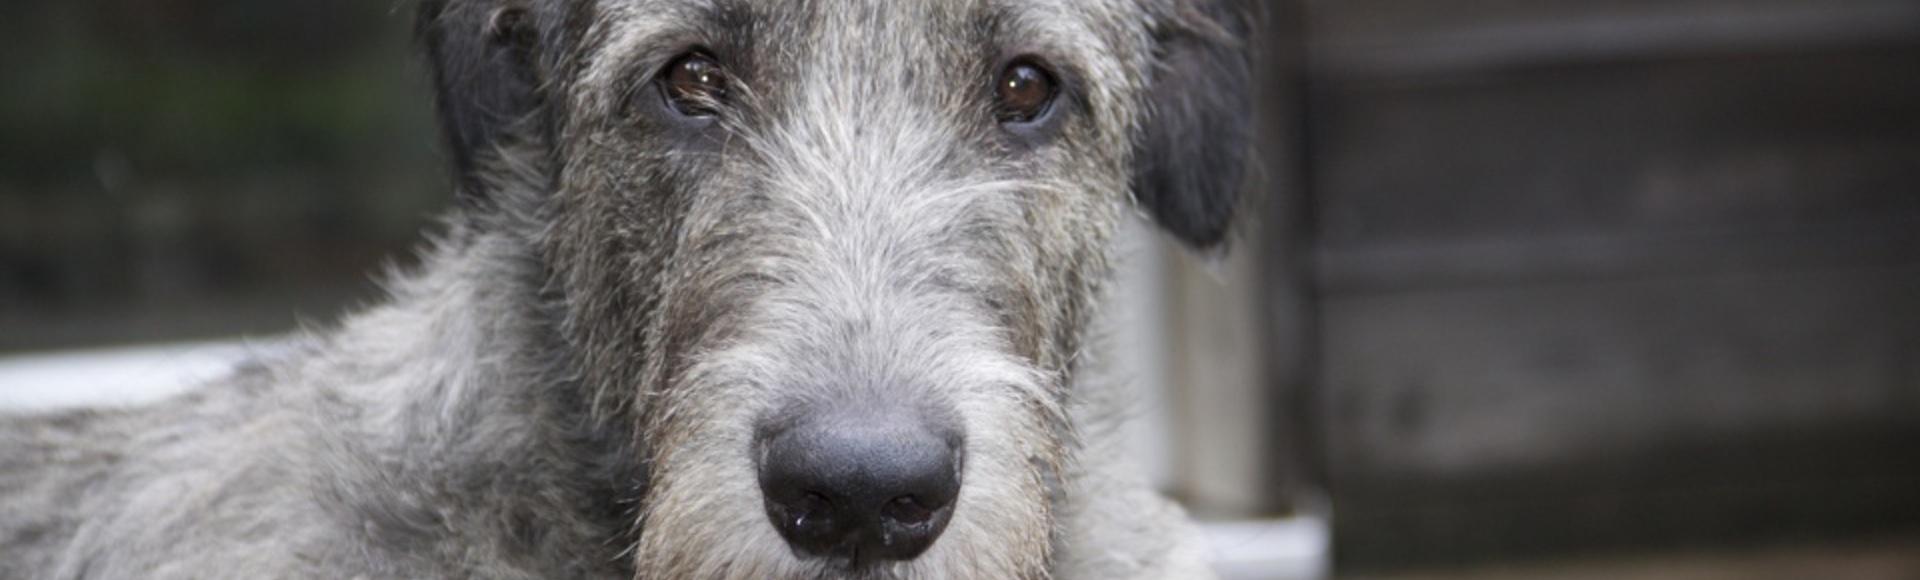 Hunde und ihre Verhaltensweisen